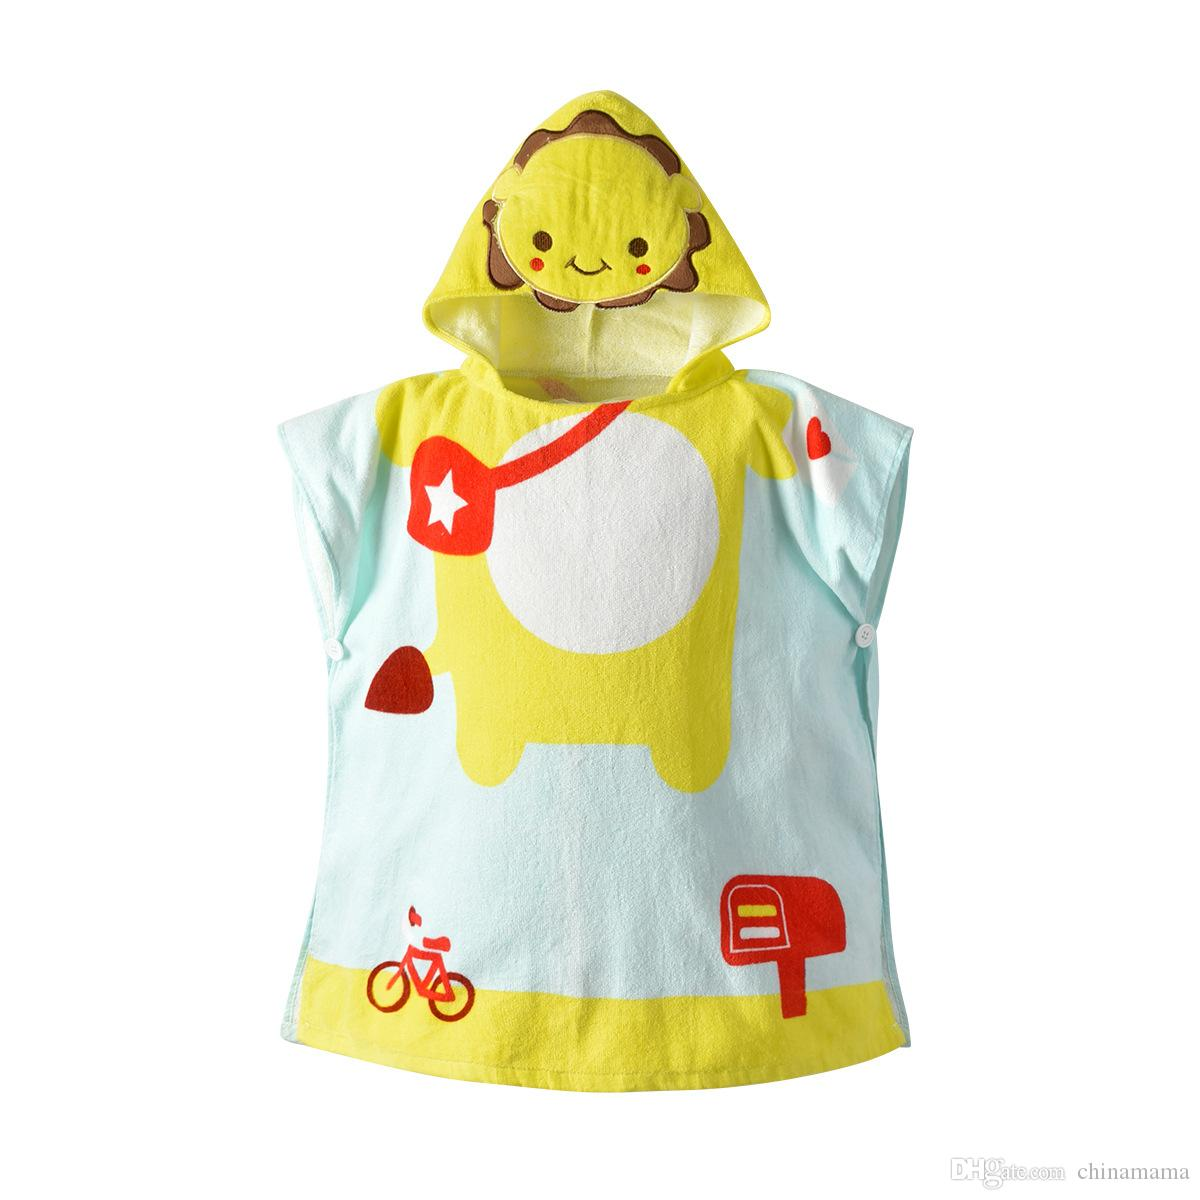 060bdcfc7cd Compre Batas De Algodón Para Bebés Albornoz Niños Pijamas De Dibujos  Animados Con Capucha Batas Para Bebés Niños Y Niñas Pijamas Engrosamiento  Servicio A ...